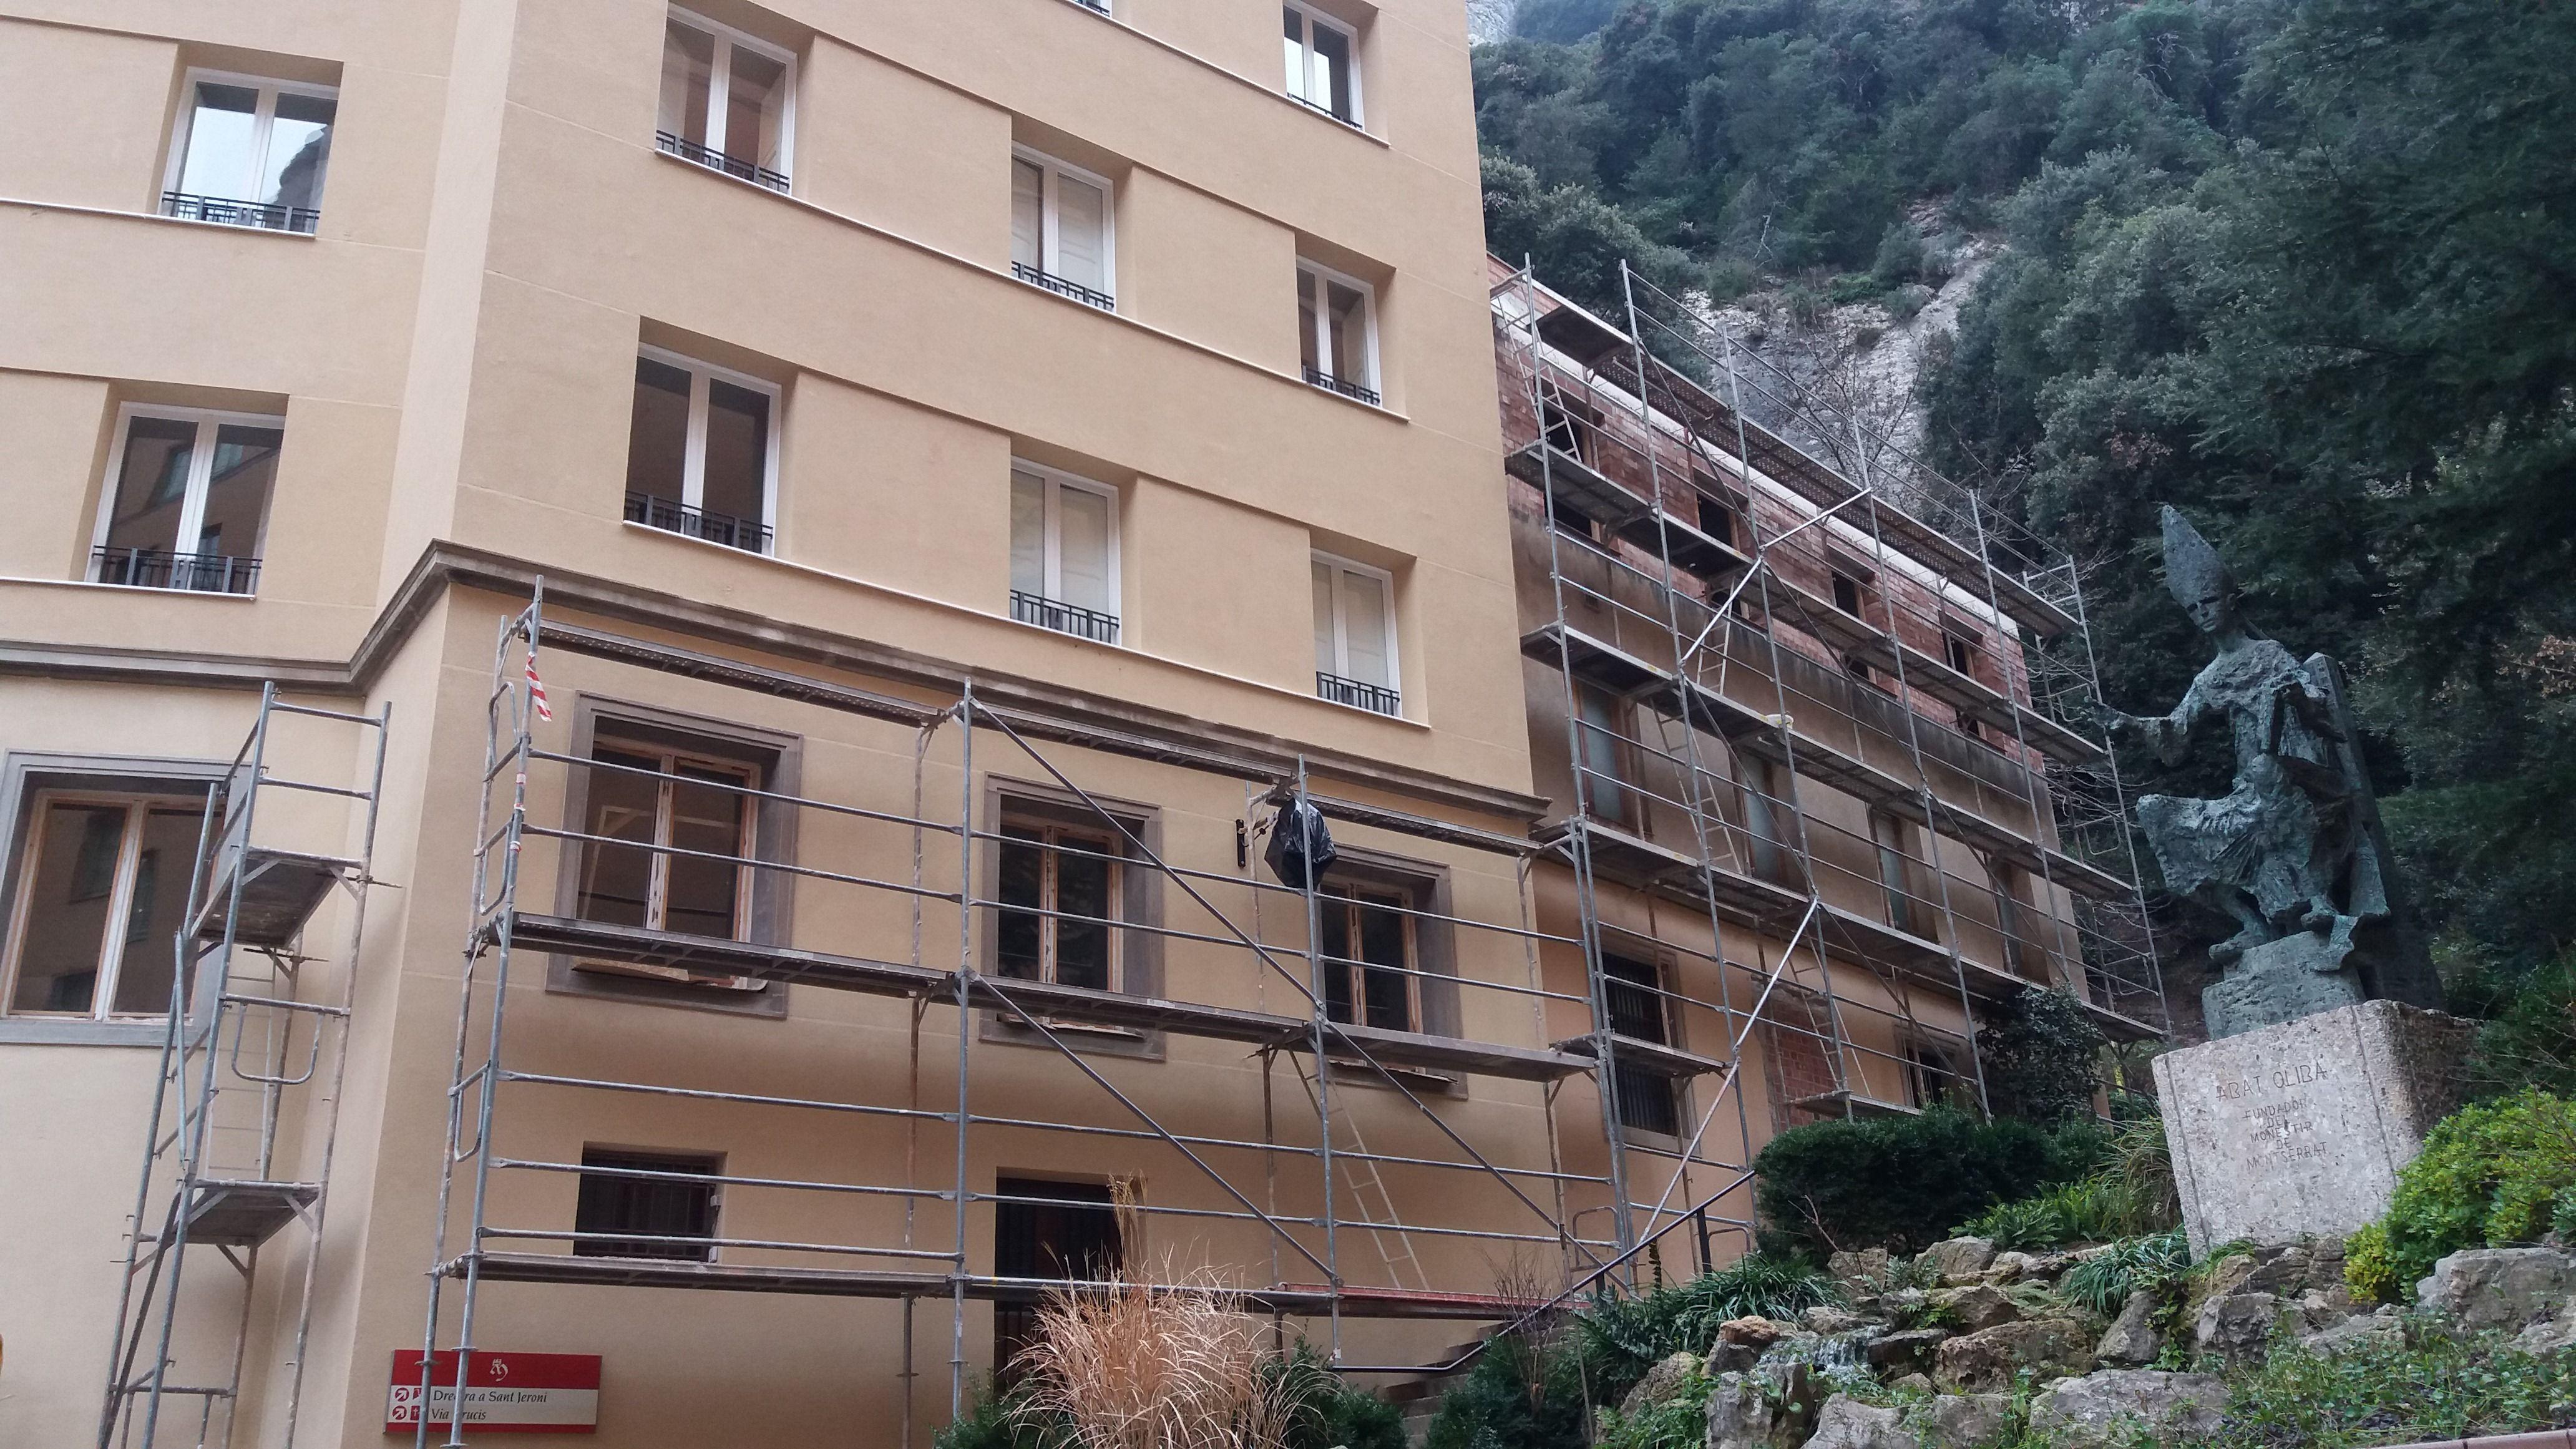 Rehabilitación de fachadas en Manresa